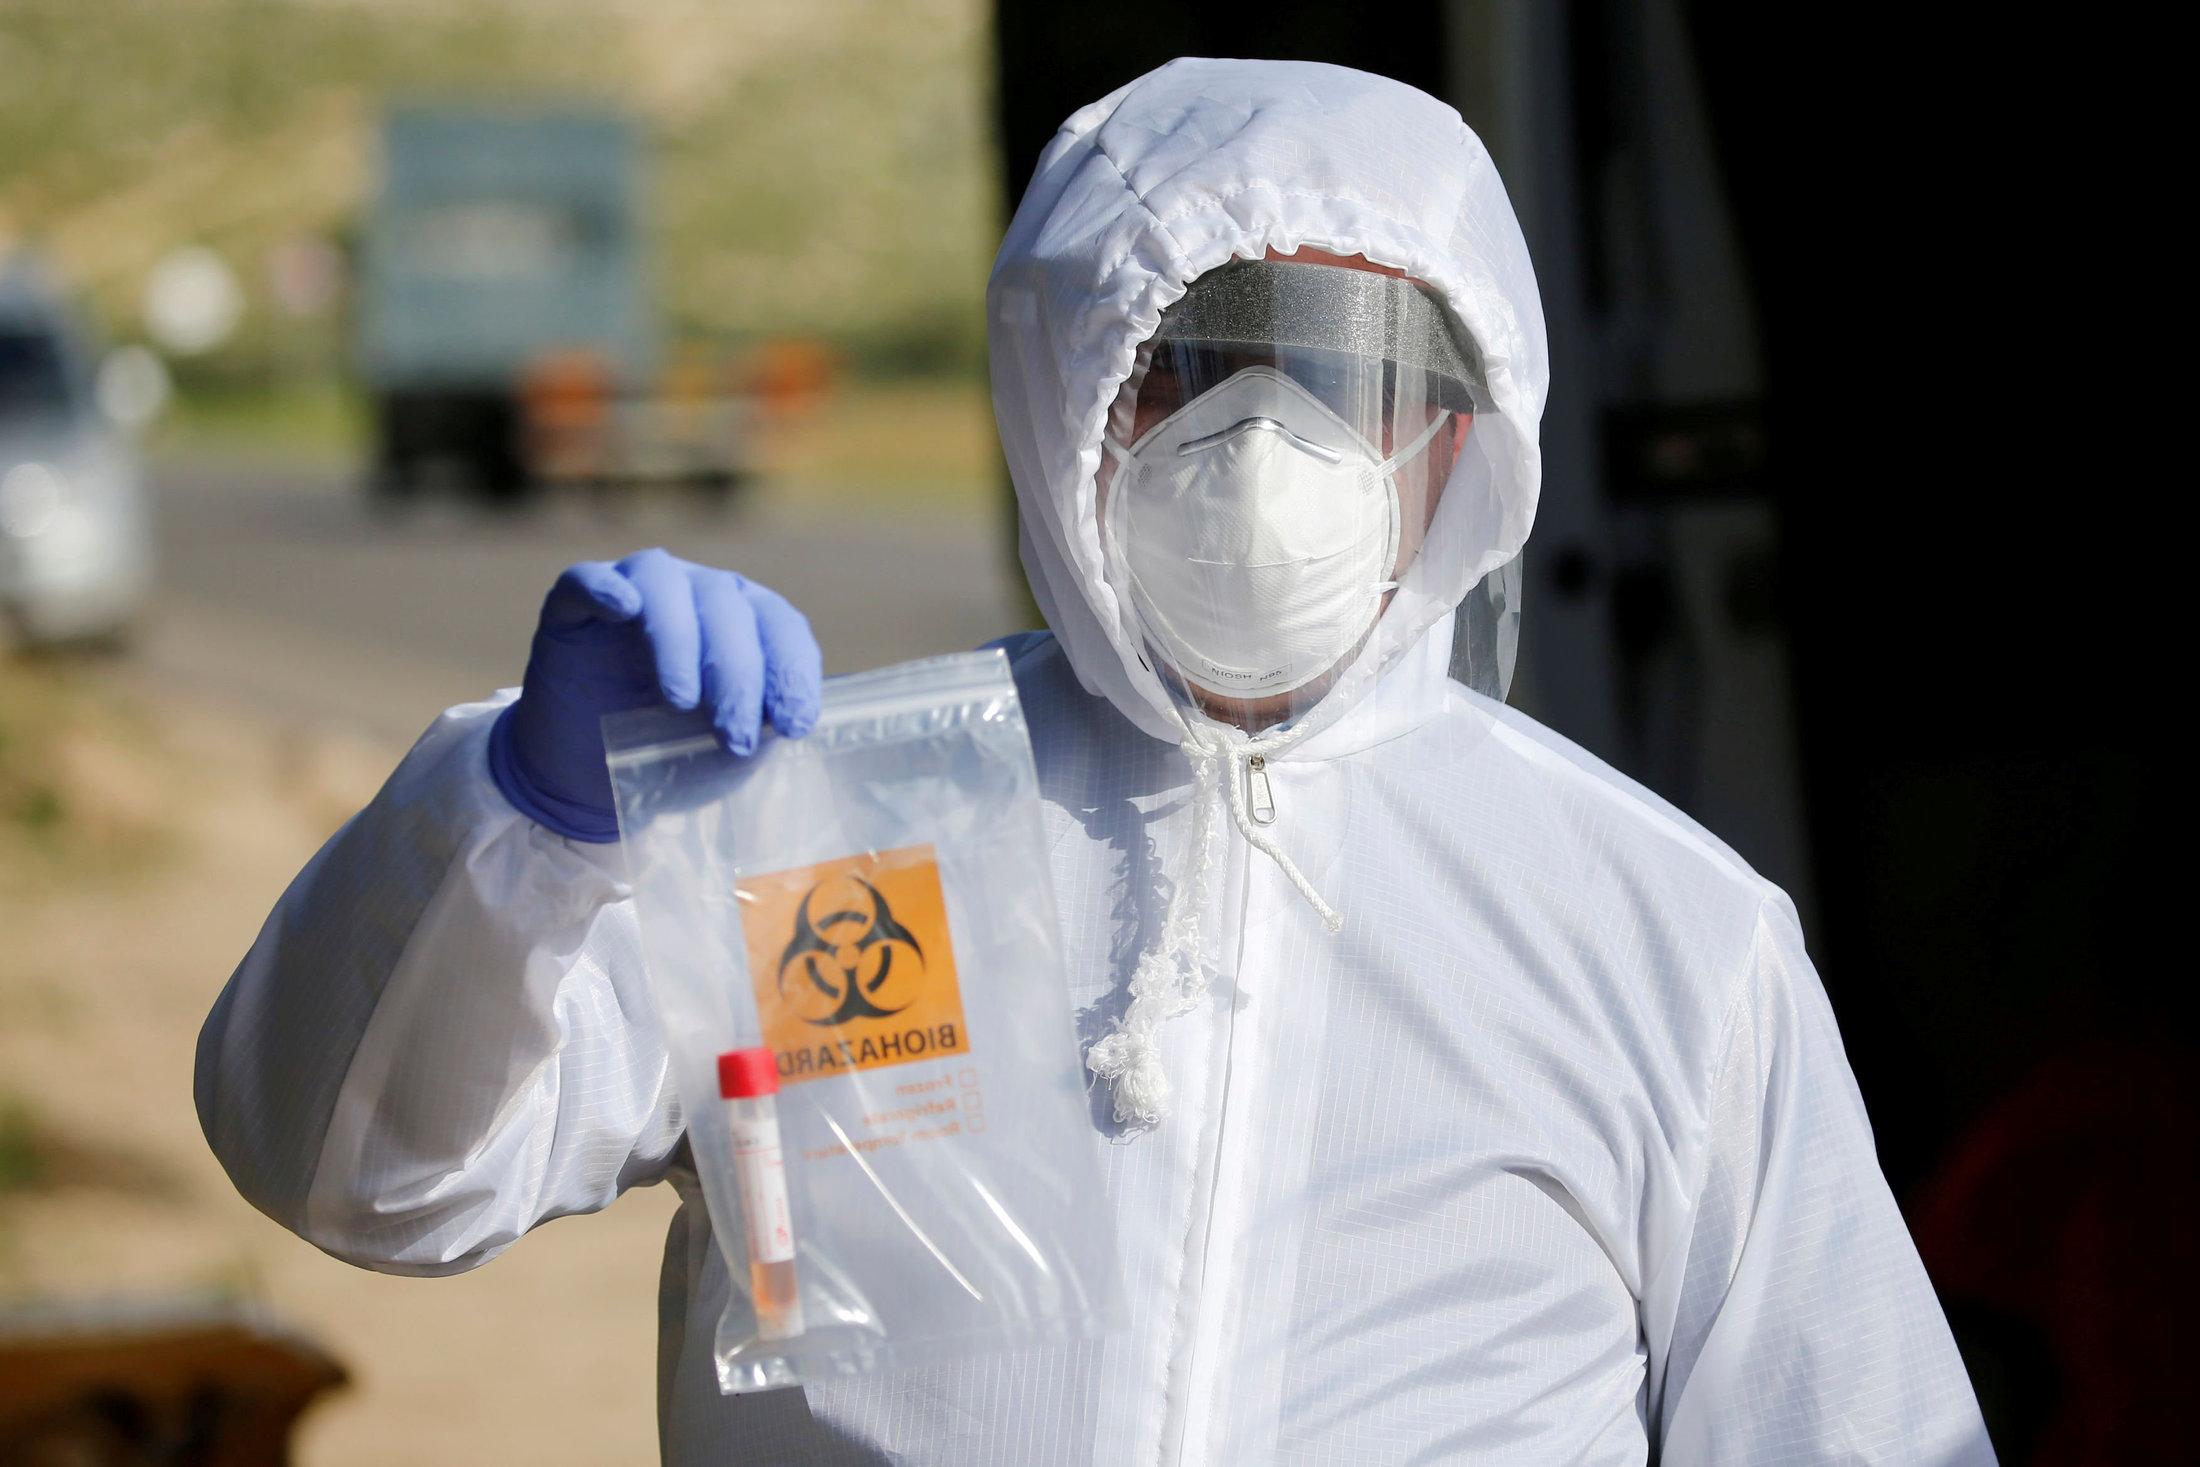 Medicinski radnik u zaštitnom odelu nosi uzorak nakon testiranja na COVID-19 (Foto: REUTERS/Mussa Qawasma)